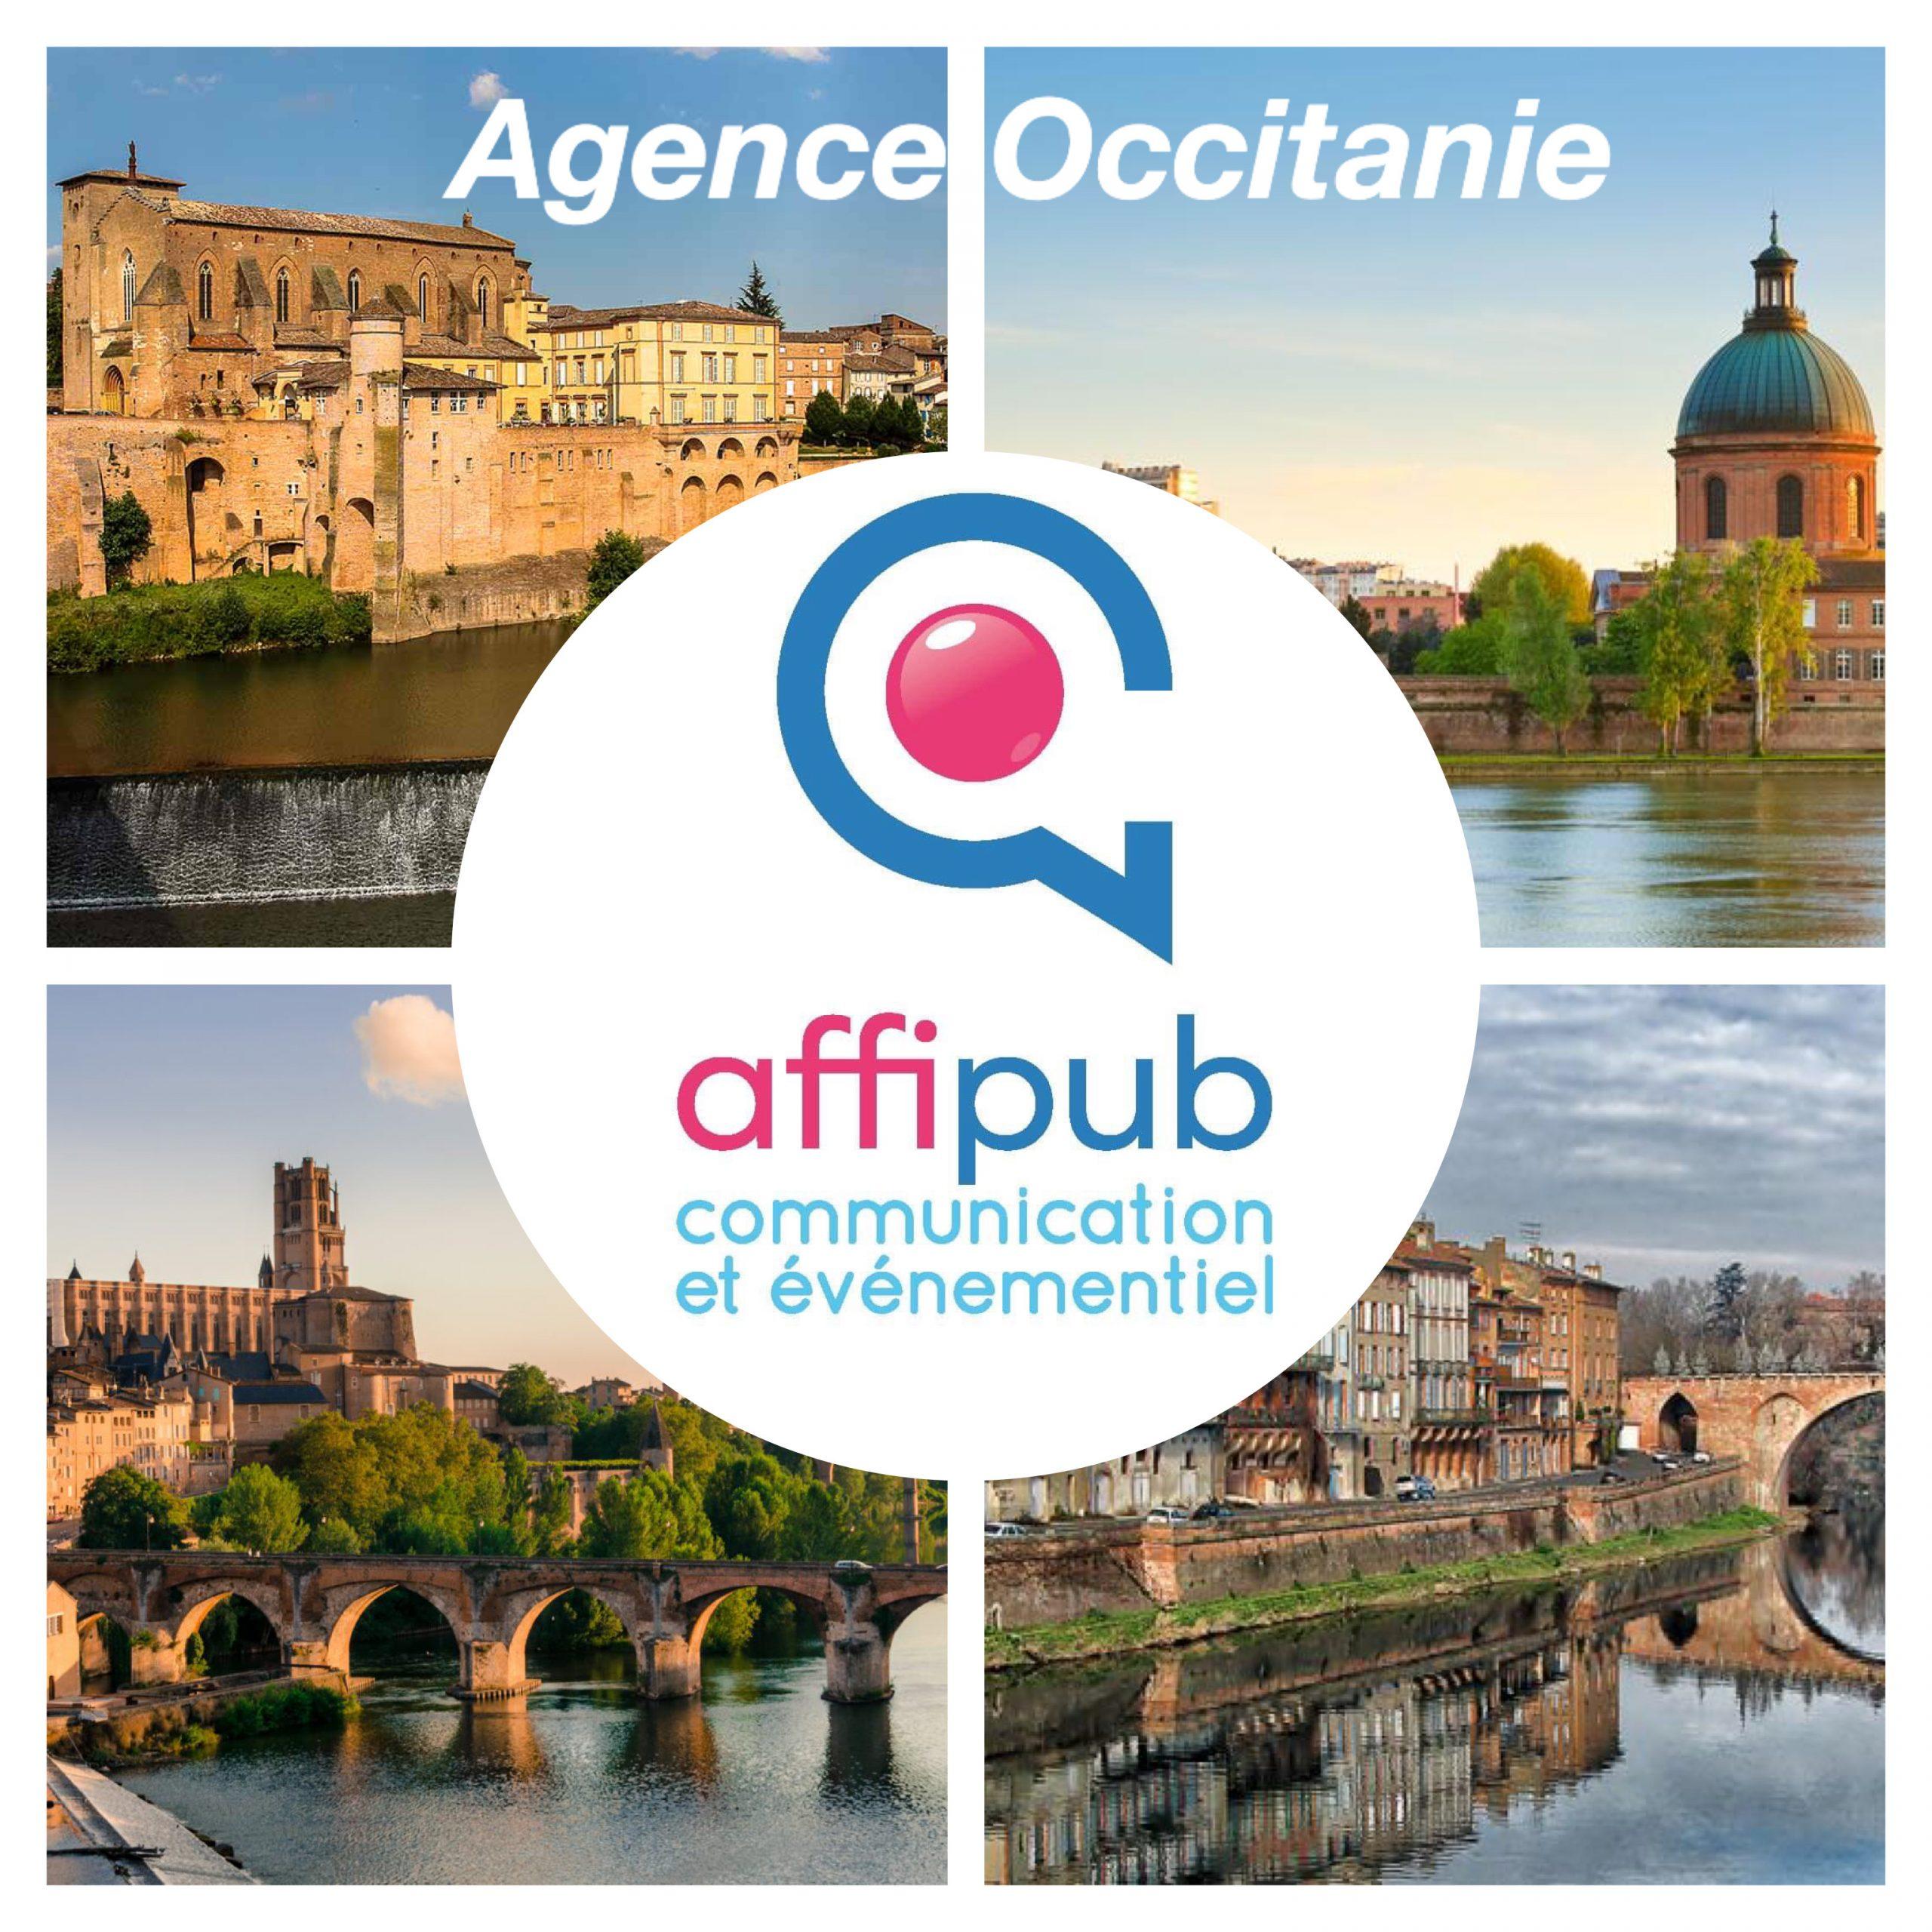 Affipub Communication en Région Occitanie à Toulouse-Blagnac post thumbnail